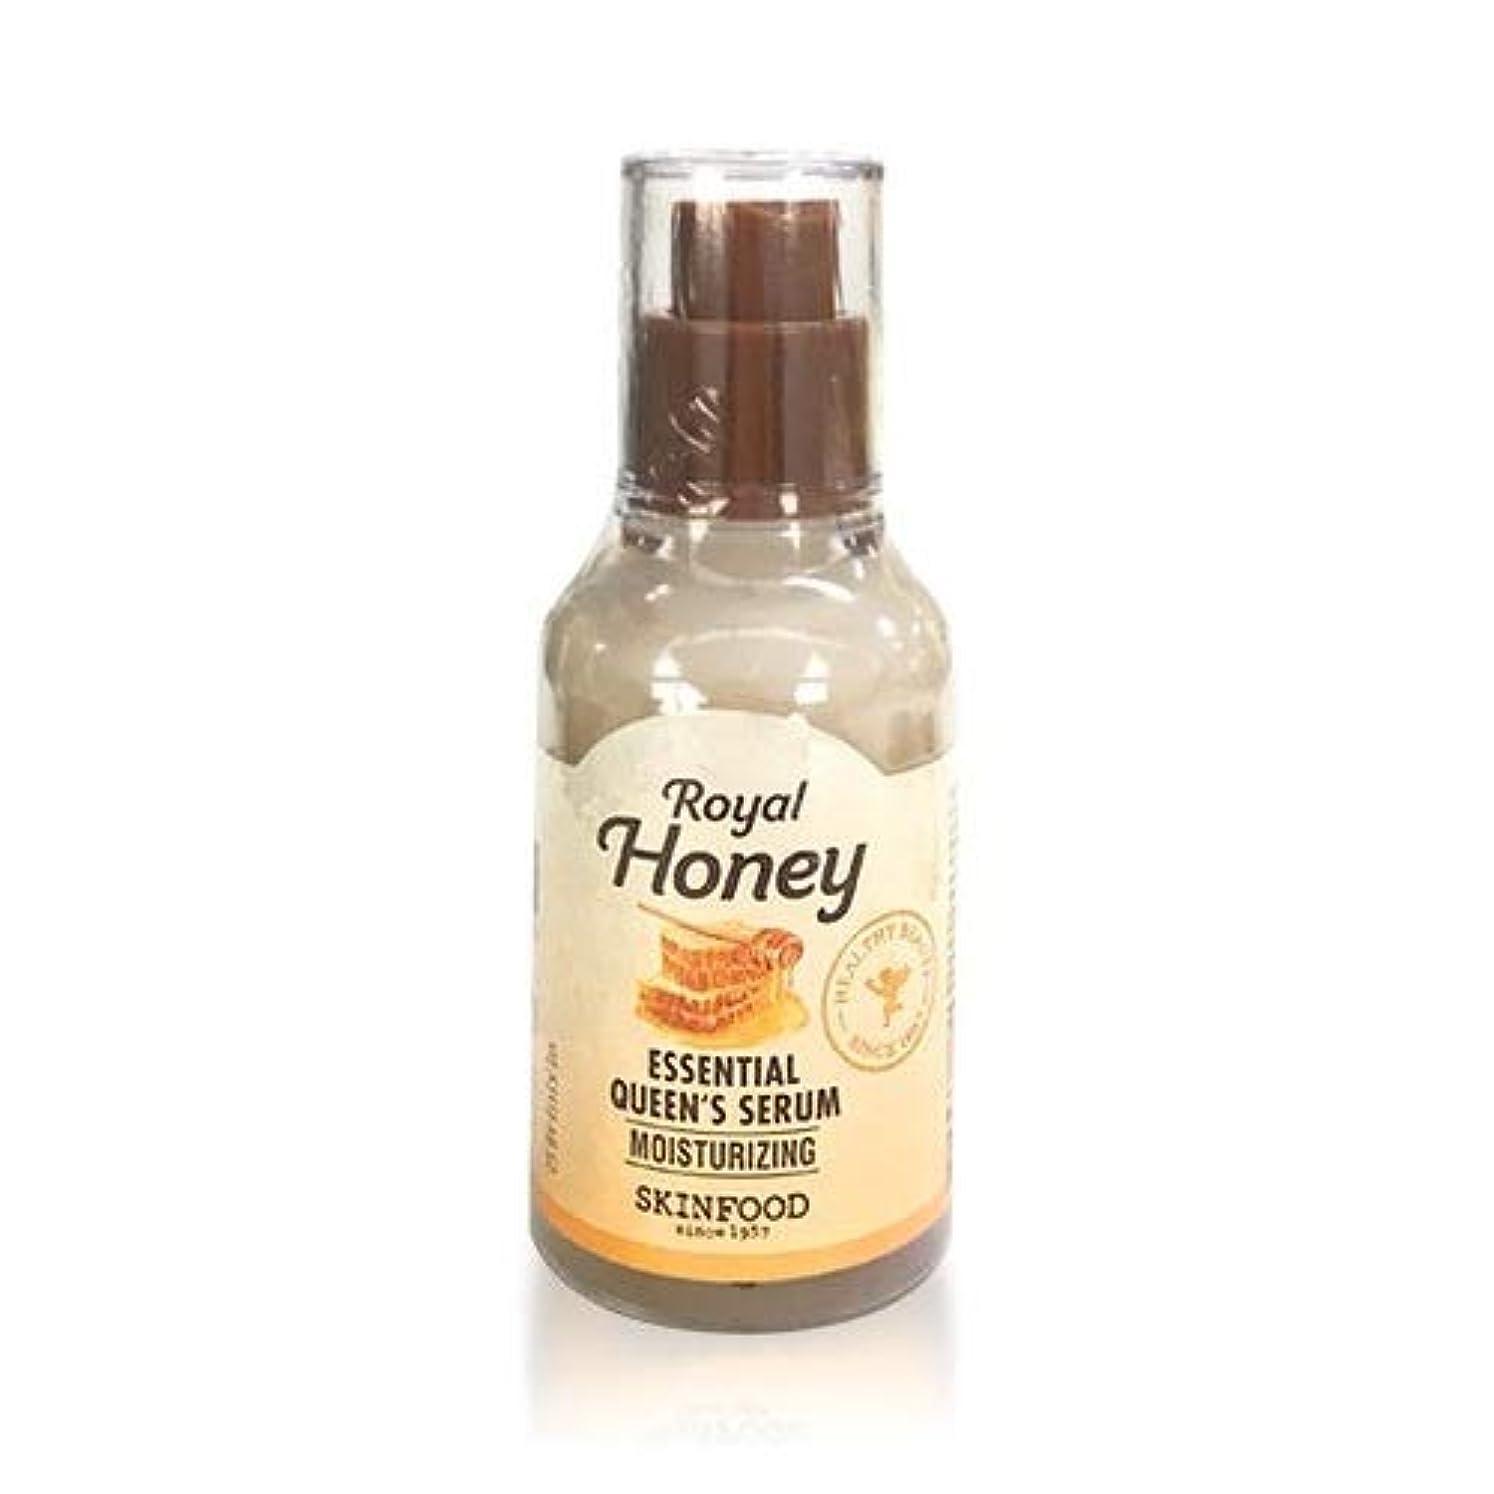 熱意振動する閃光[リニューアル] スキンフード ロイヤルハニーエッセンシャル クィーンズセラム 美容液 50ml / SKINFOOD Royal Honey Essential Queen's Serum 50ml [並行輸入品]